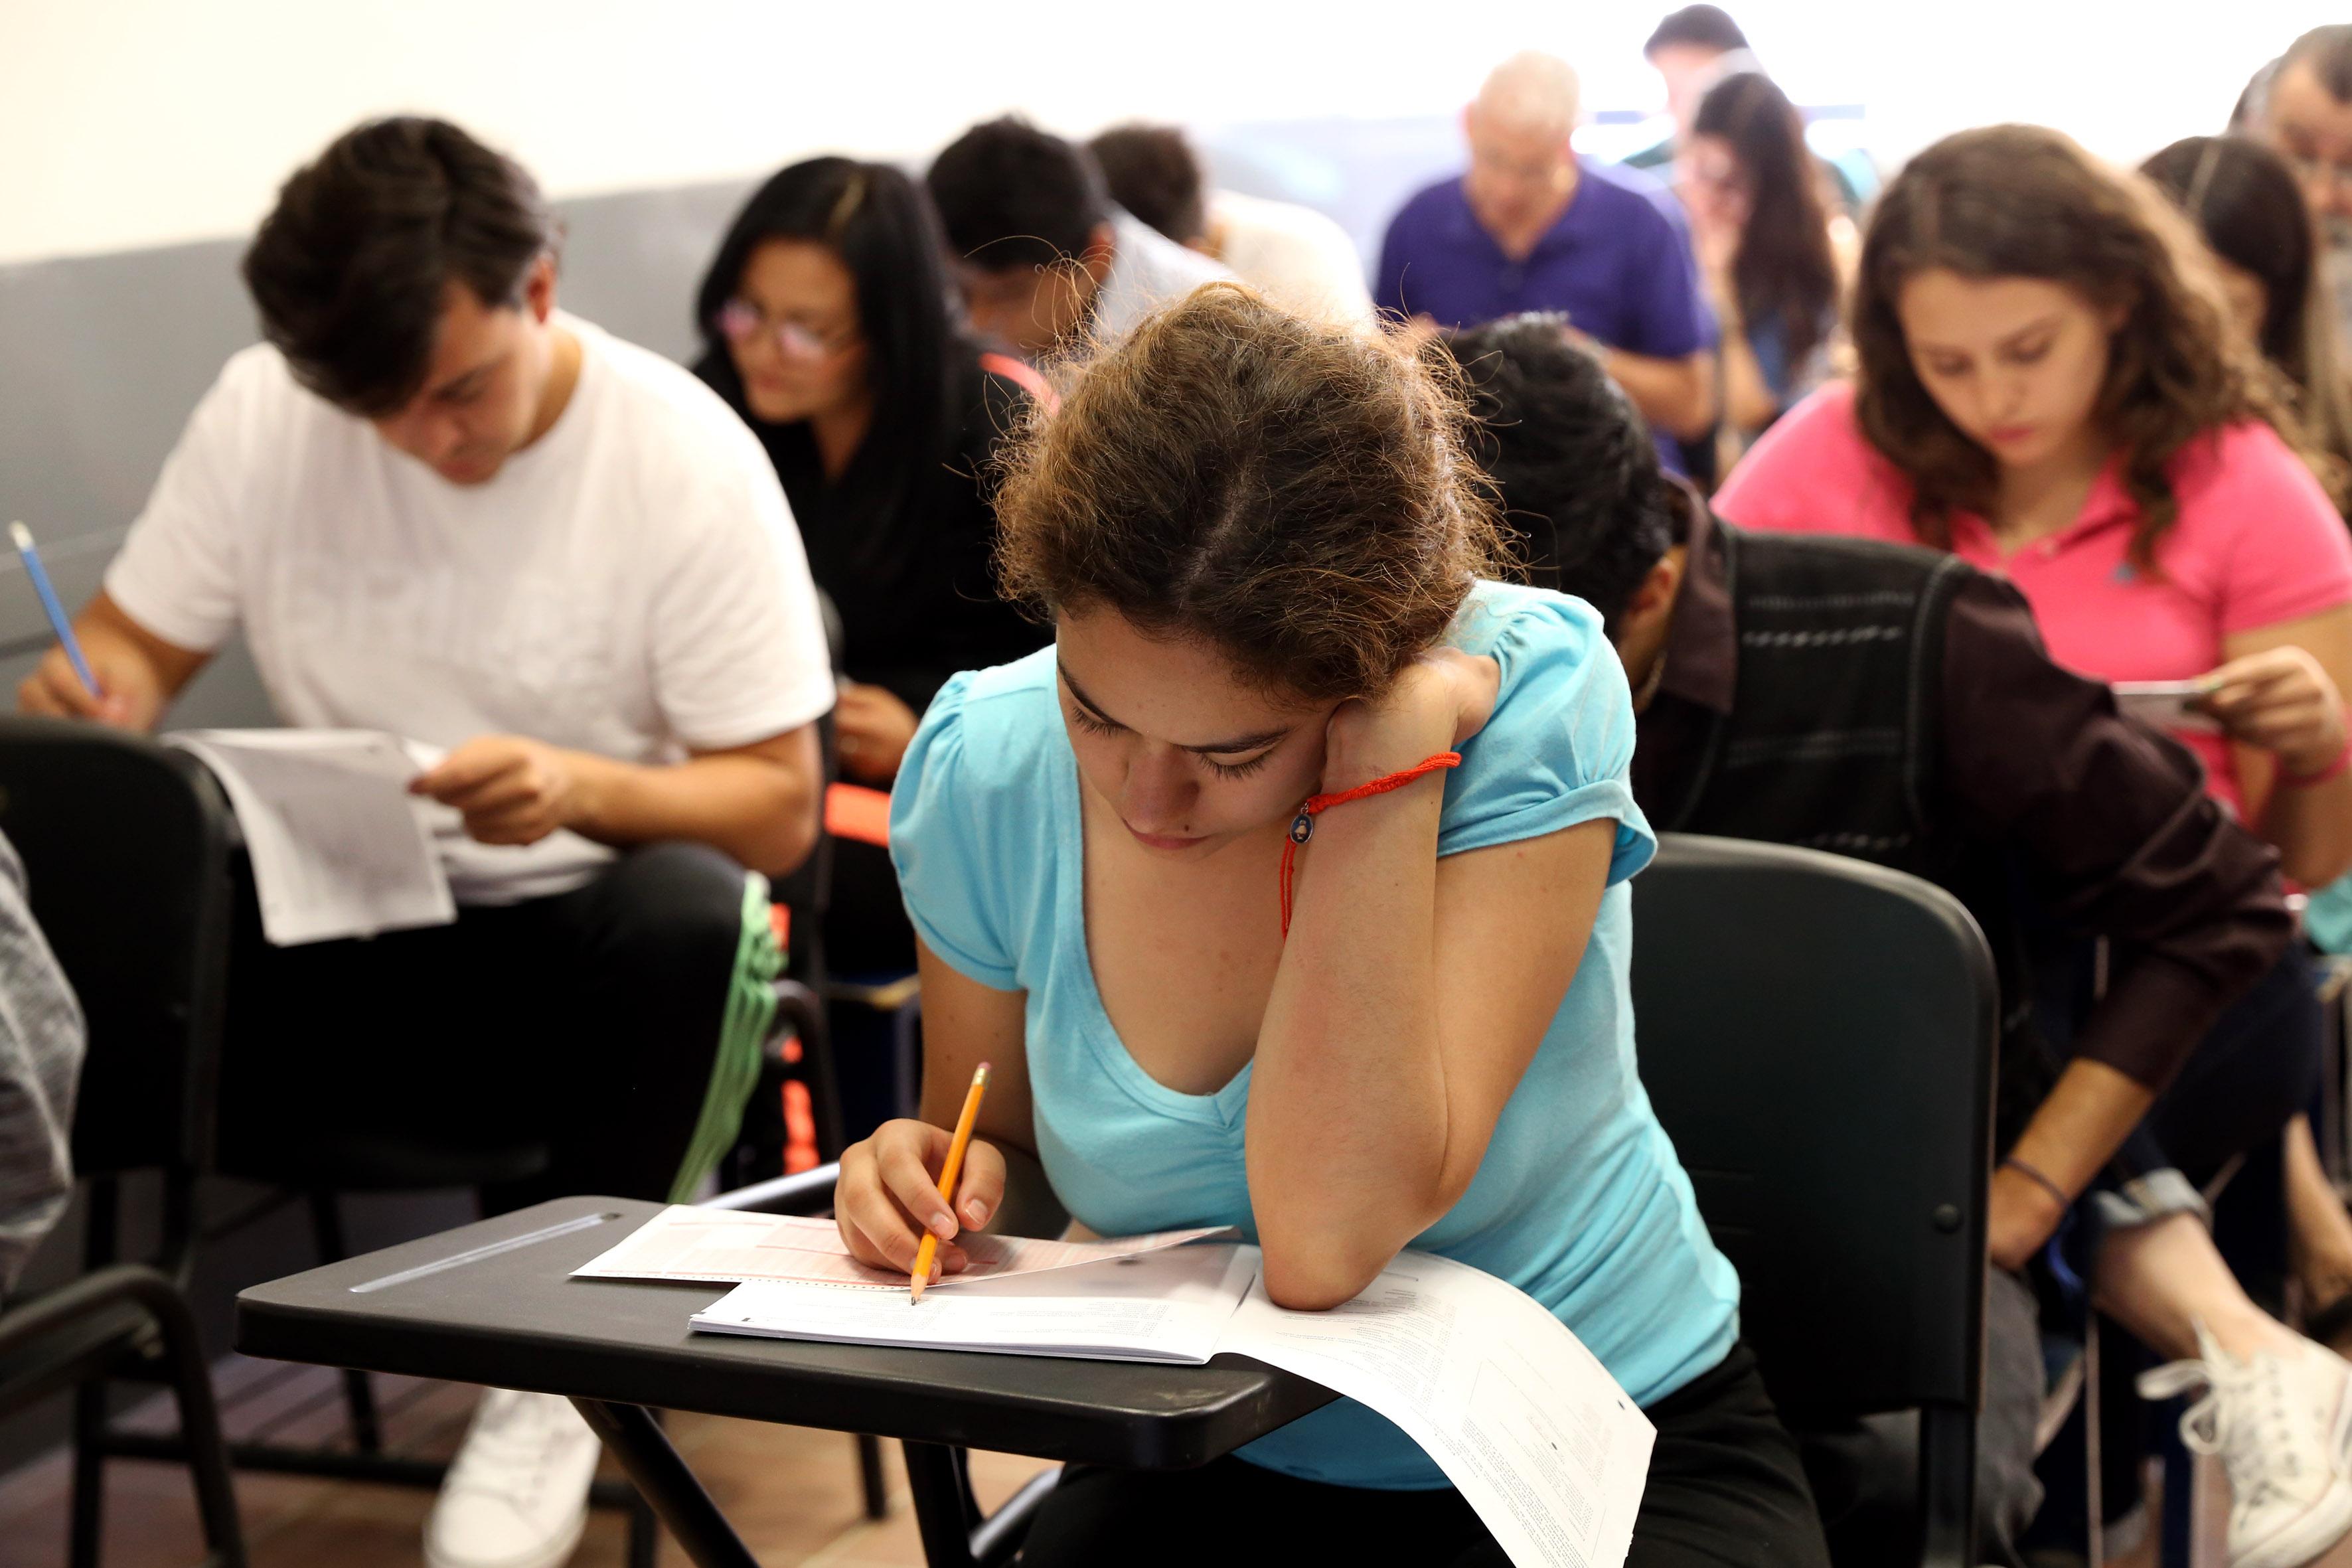 Aspirante realizando prueba de aptitud académica